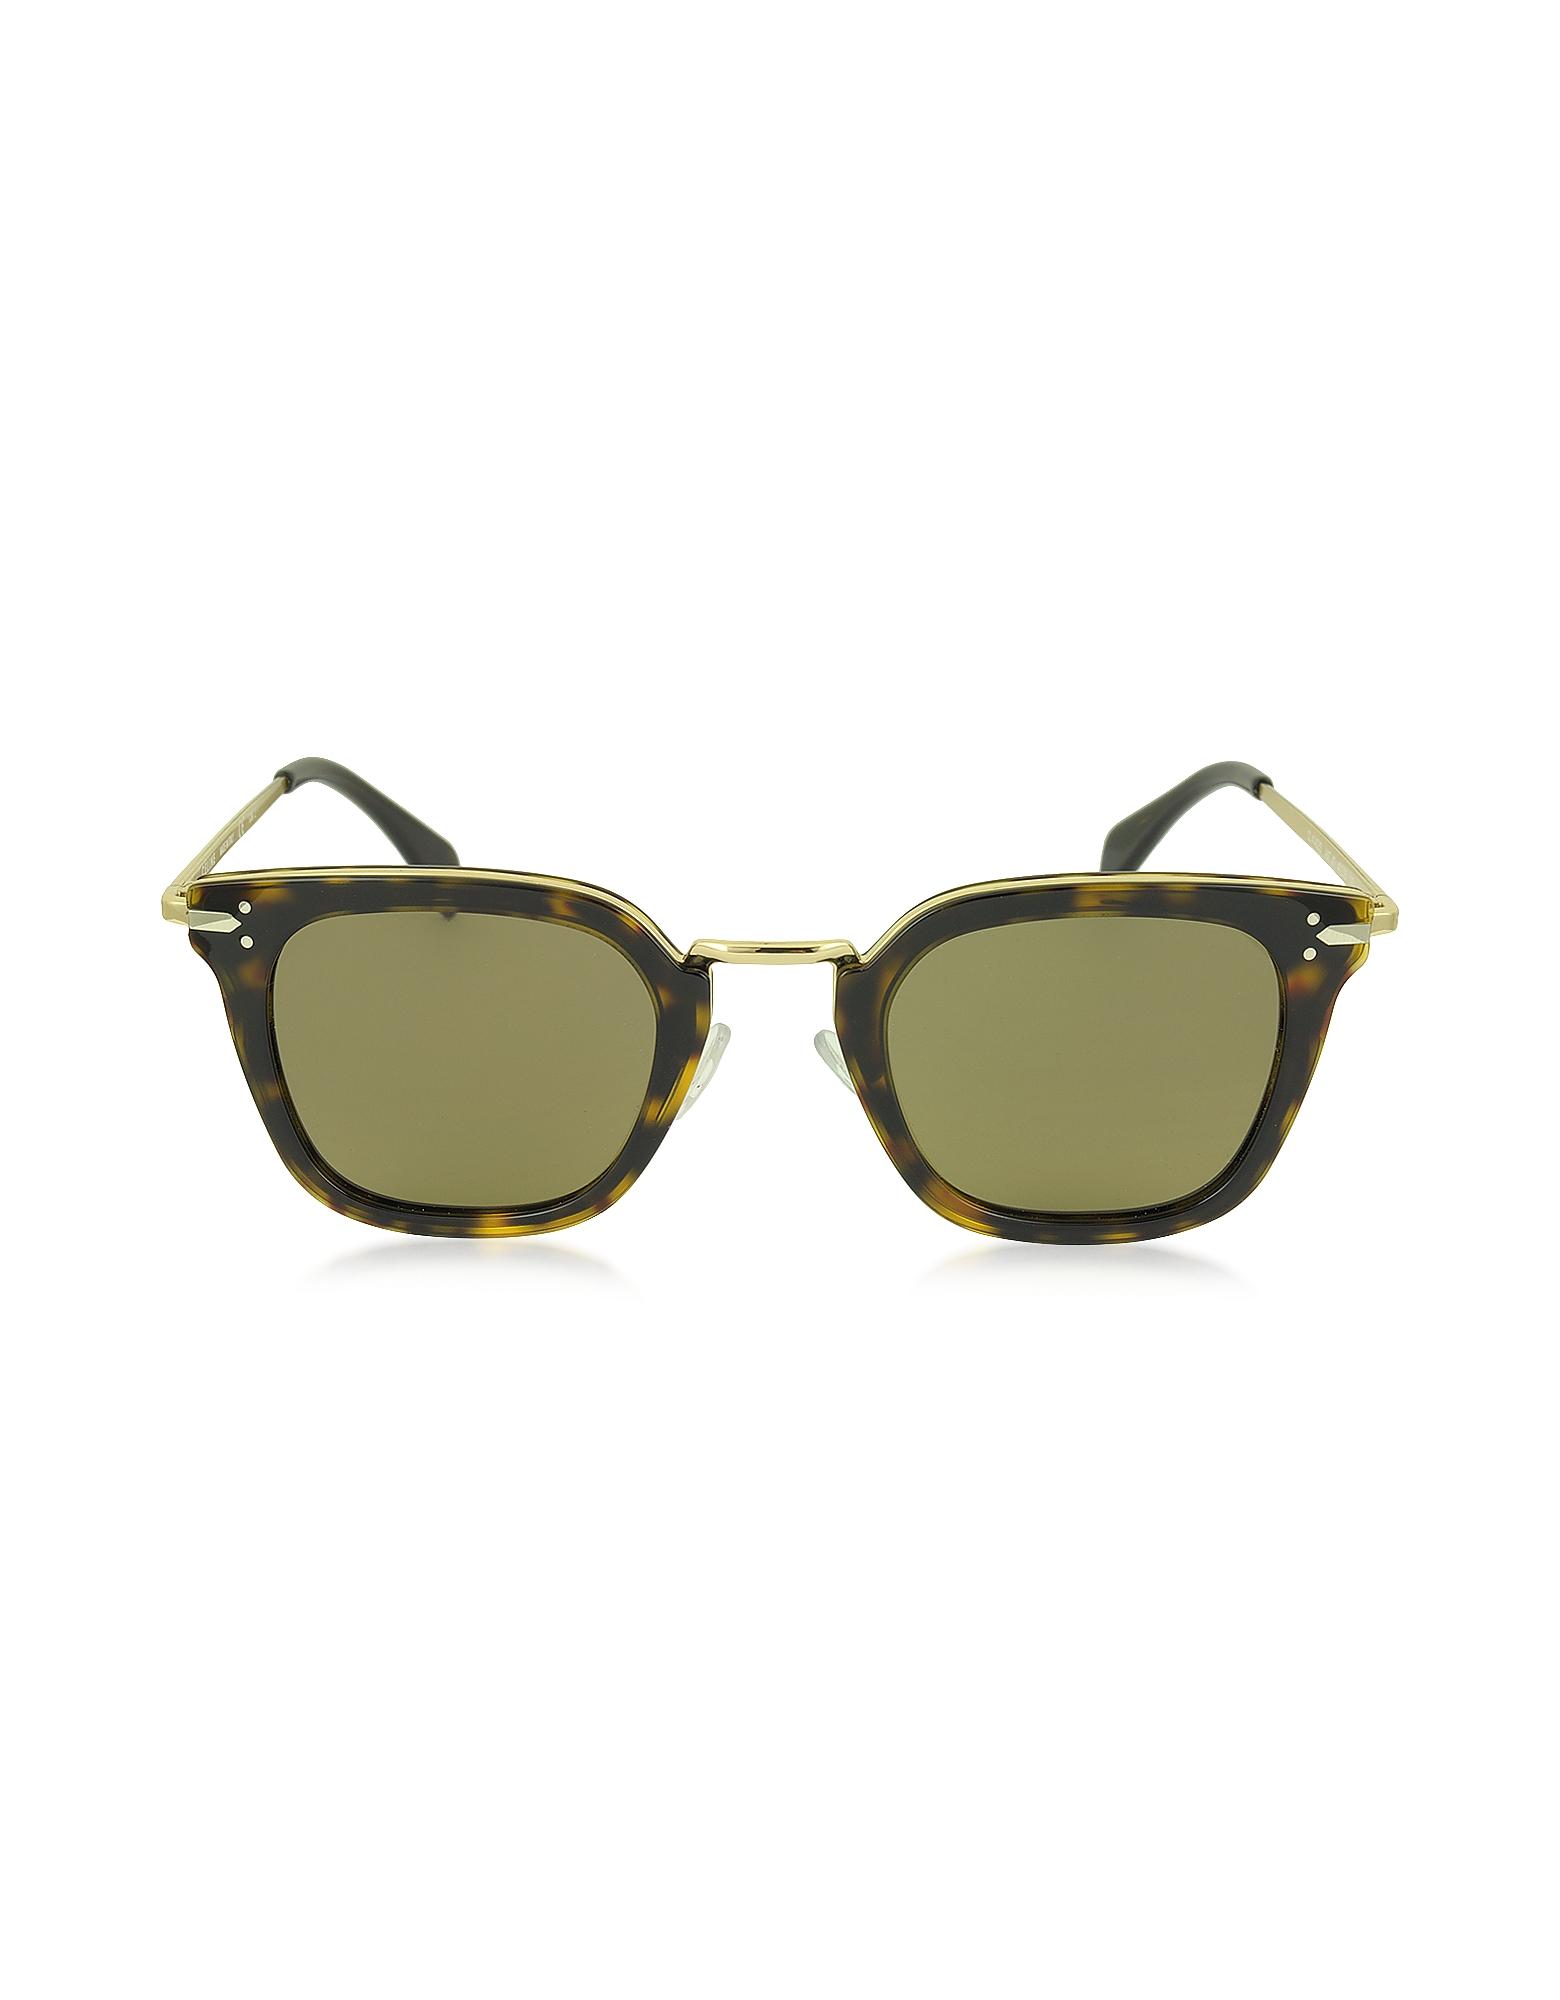 Celine VIC CL 41402/S - Женские Солнечные Очки Кошачий Глаз из Ацетата и Золотистого Металла